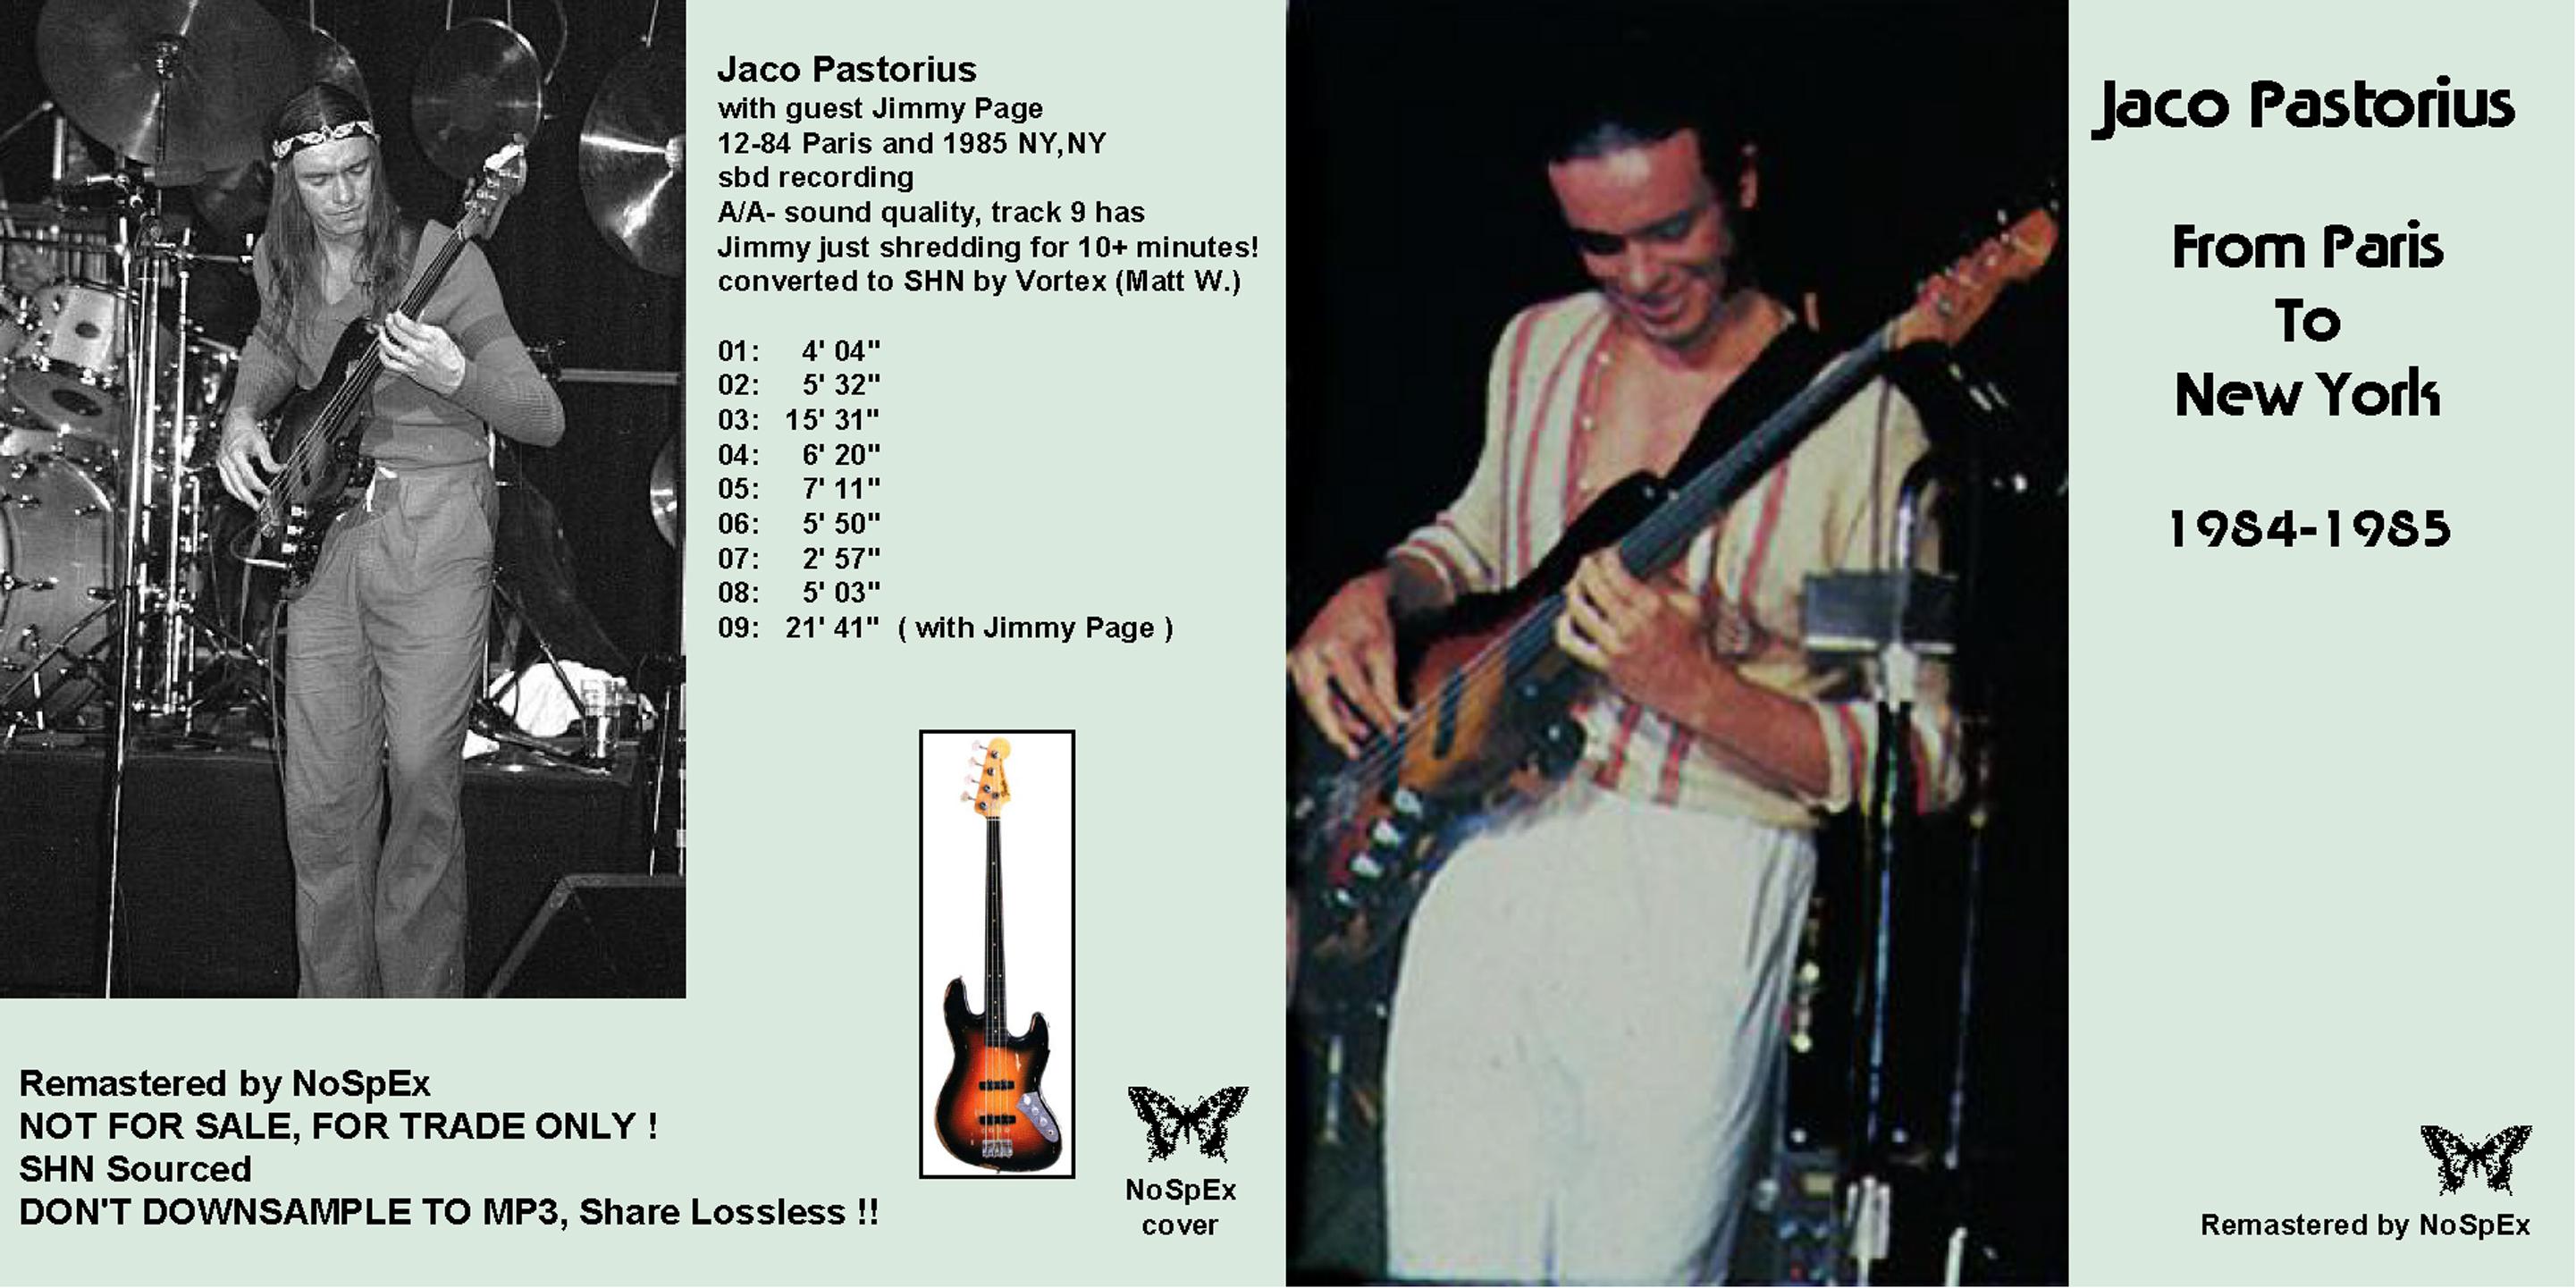 JacoPastorius1984-1985JimmyPageParisNewYork.jpg